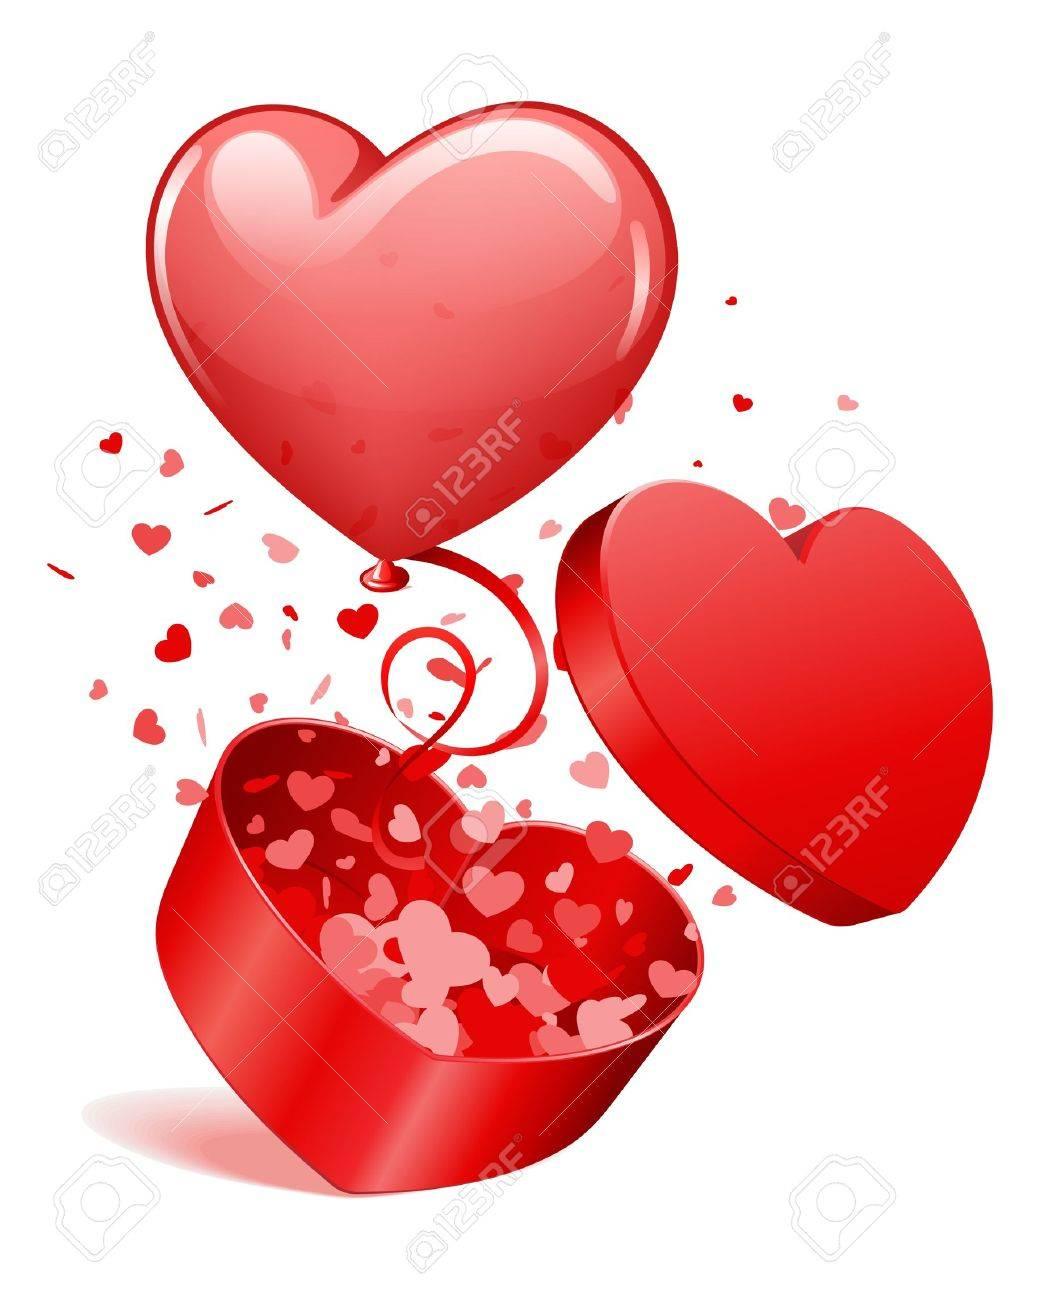 Image Avec Des Coeur cadeau à coeur ouvert avec des coeurs et des mouches ballon